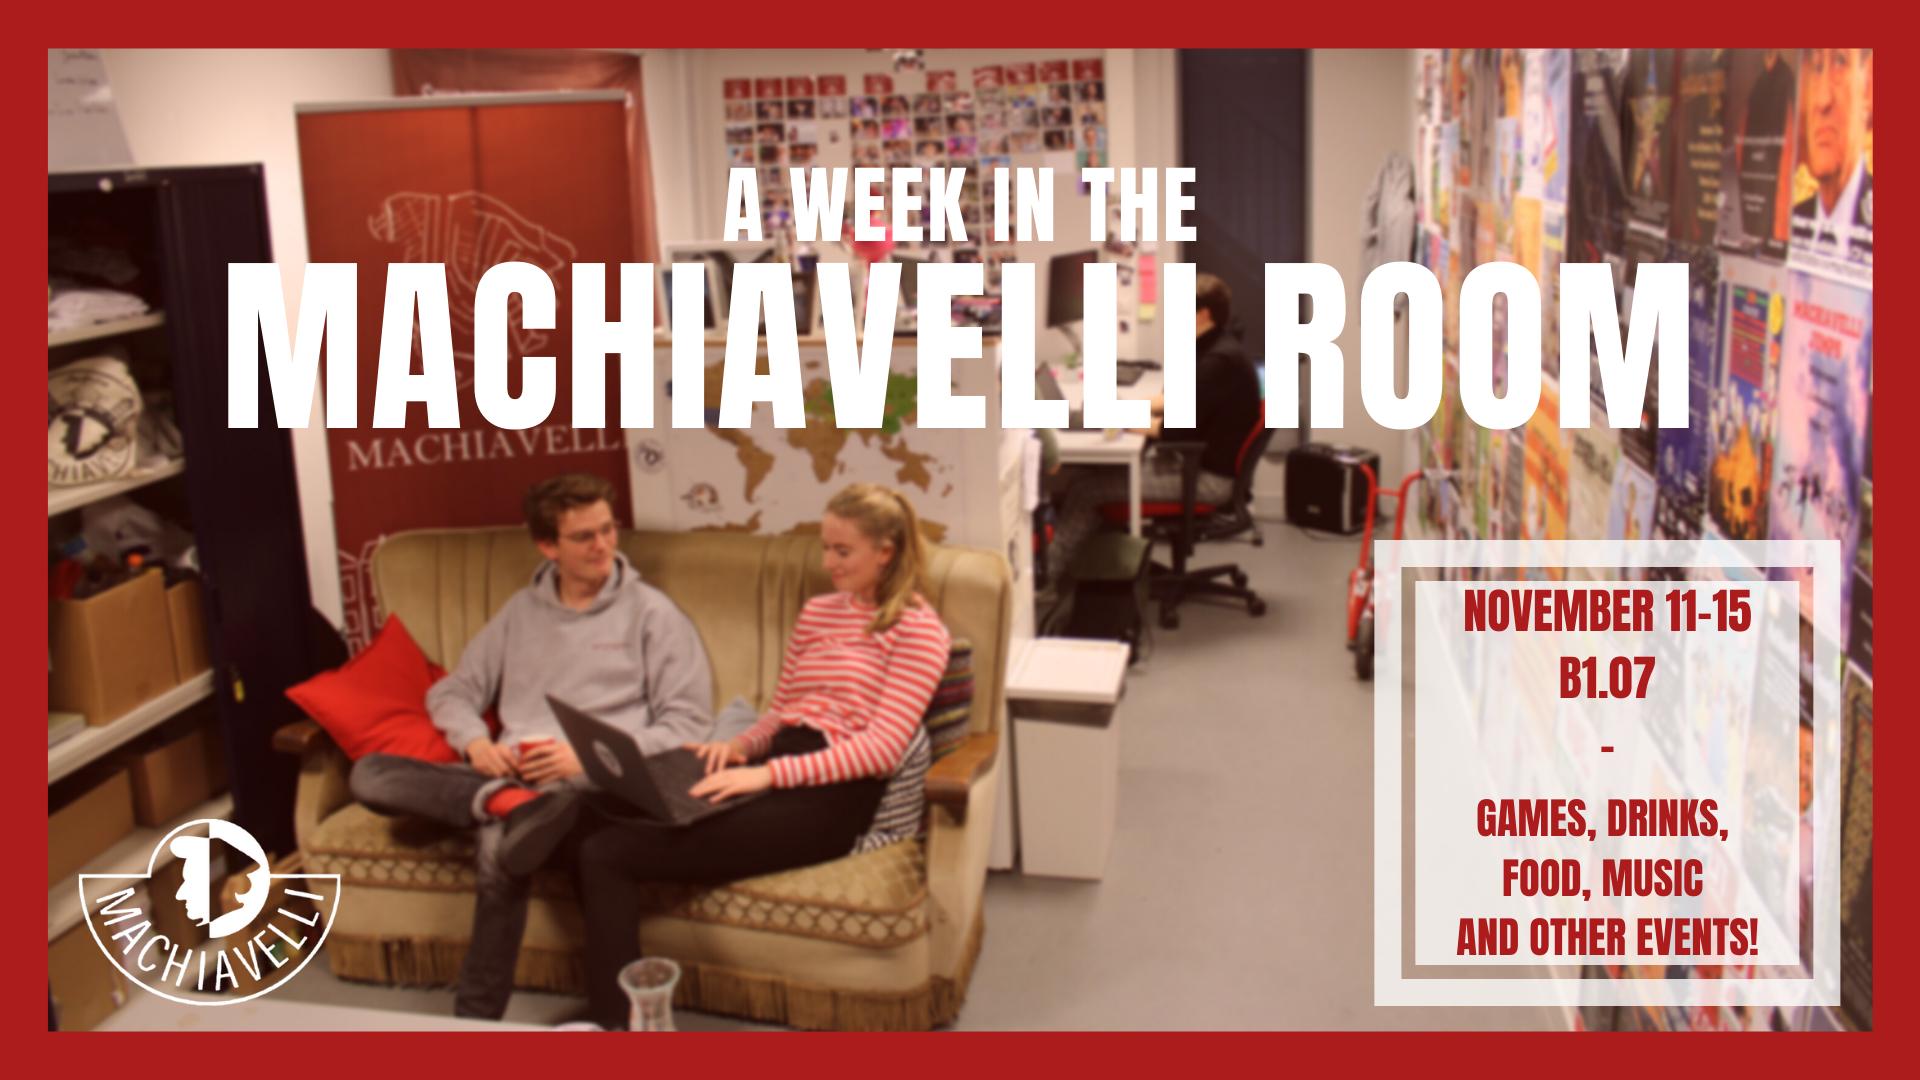 A Week in the Machiavelli Room